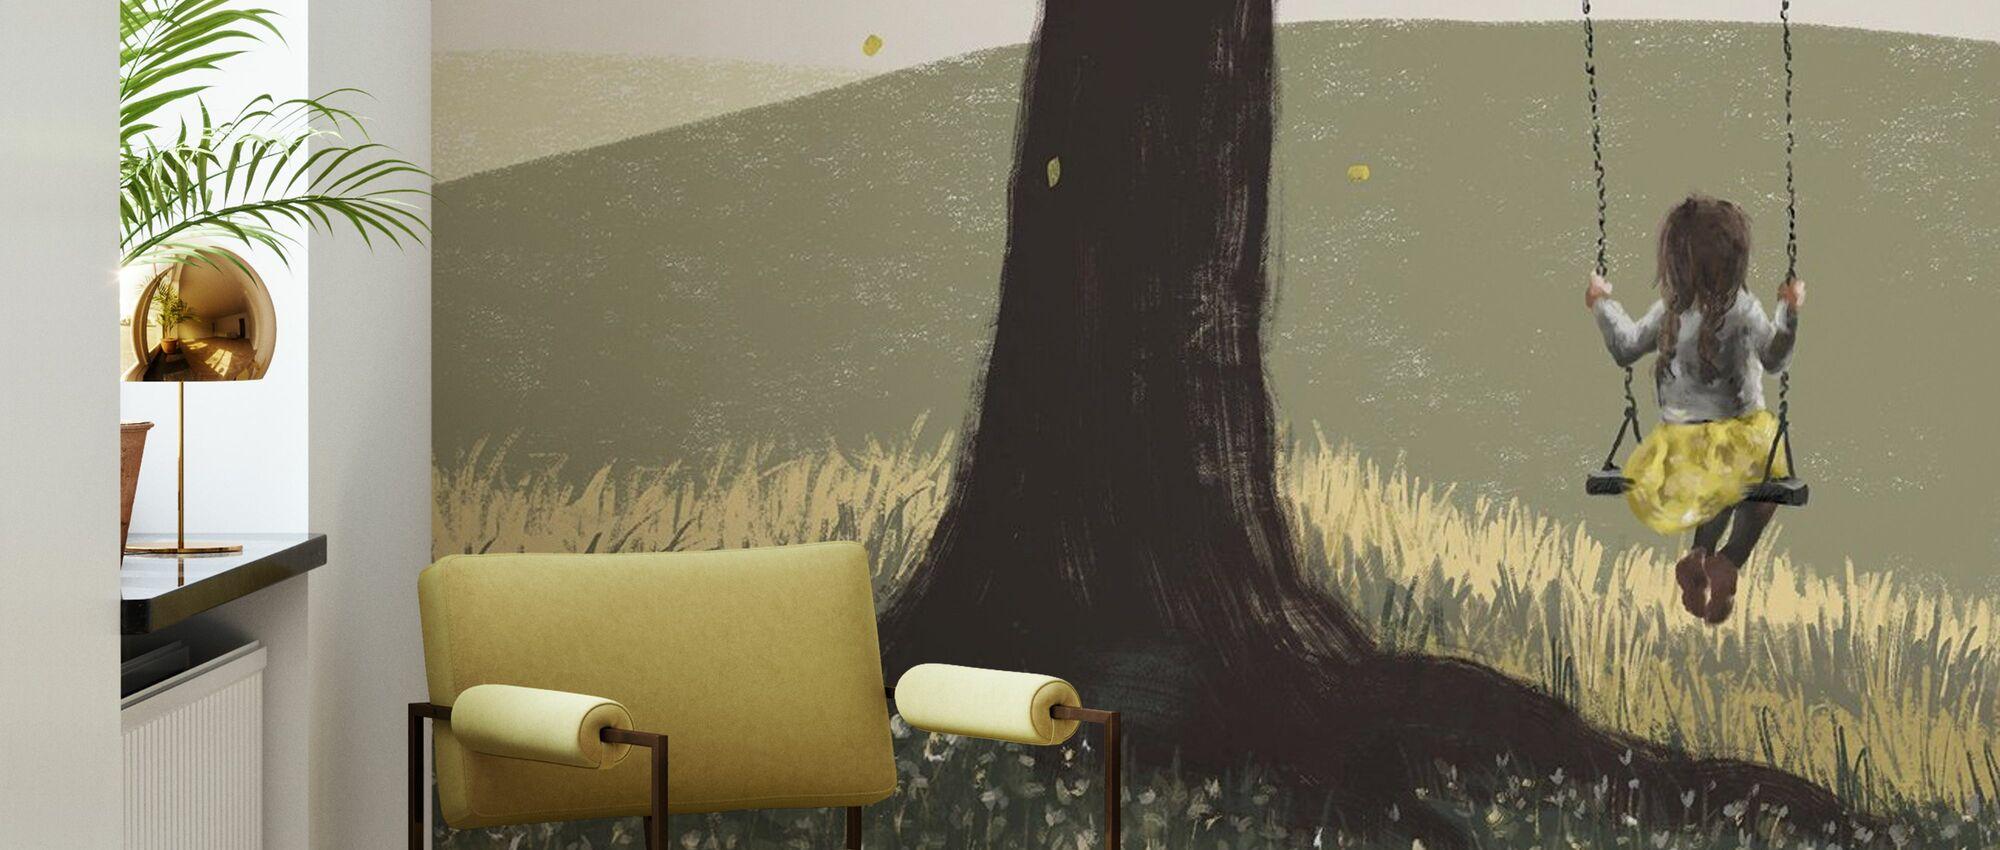 Fall Field Green - Girl on a Swing II - Wallpaper - Living Room